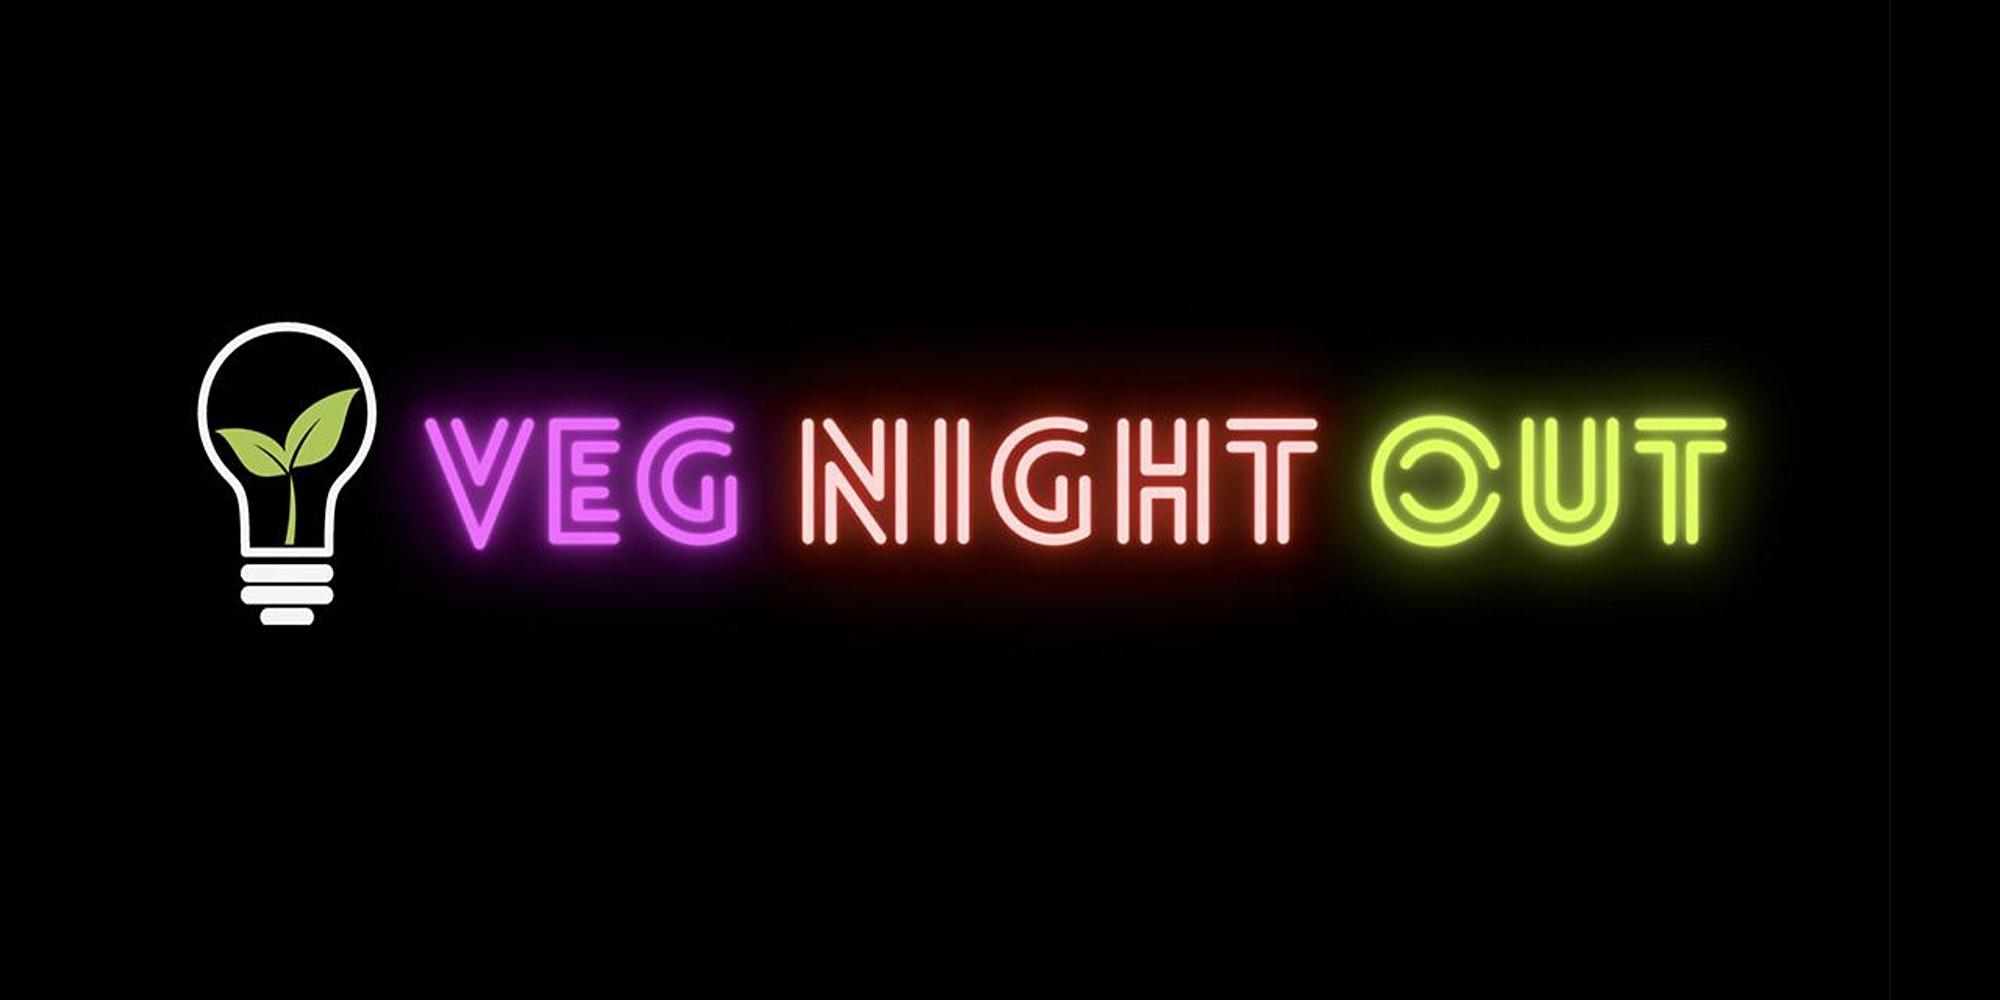 Veg Night Out